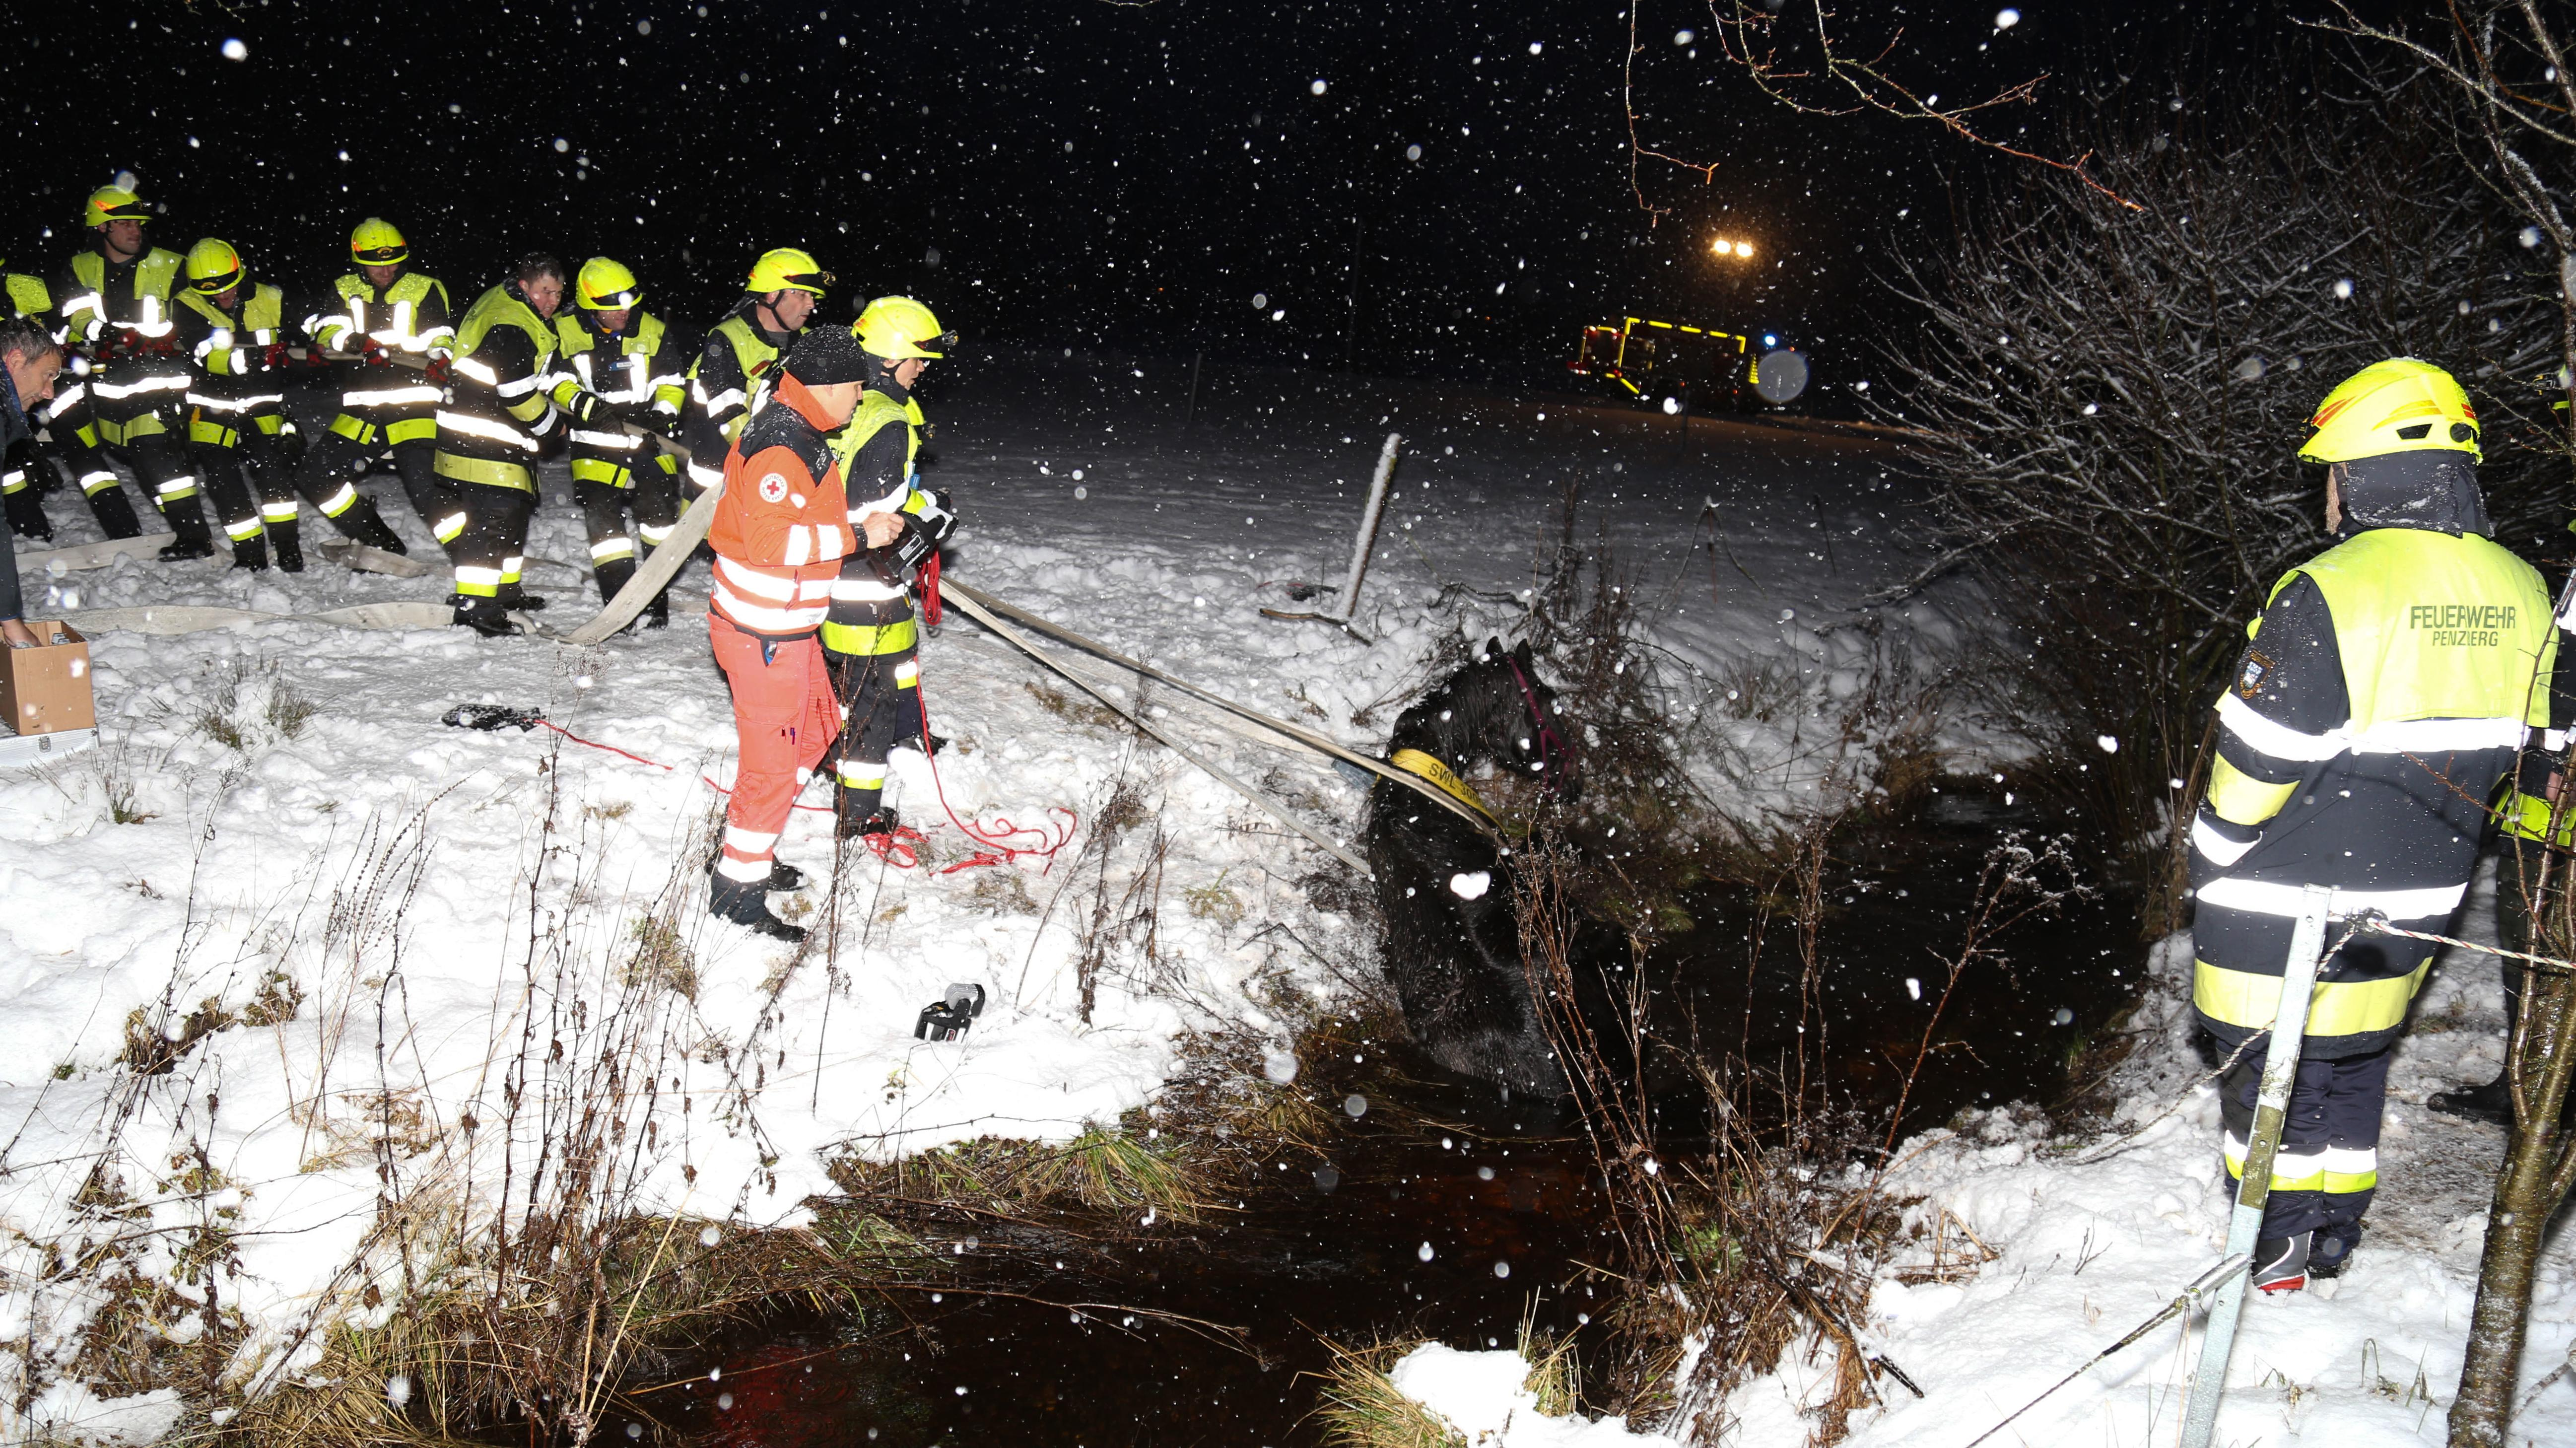 Penzberg im Landkreis Weilheim-Schongau: Pferd aus eiskaltem Wassergraben gerettet